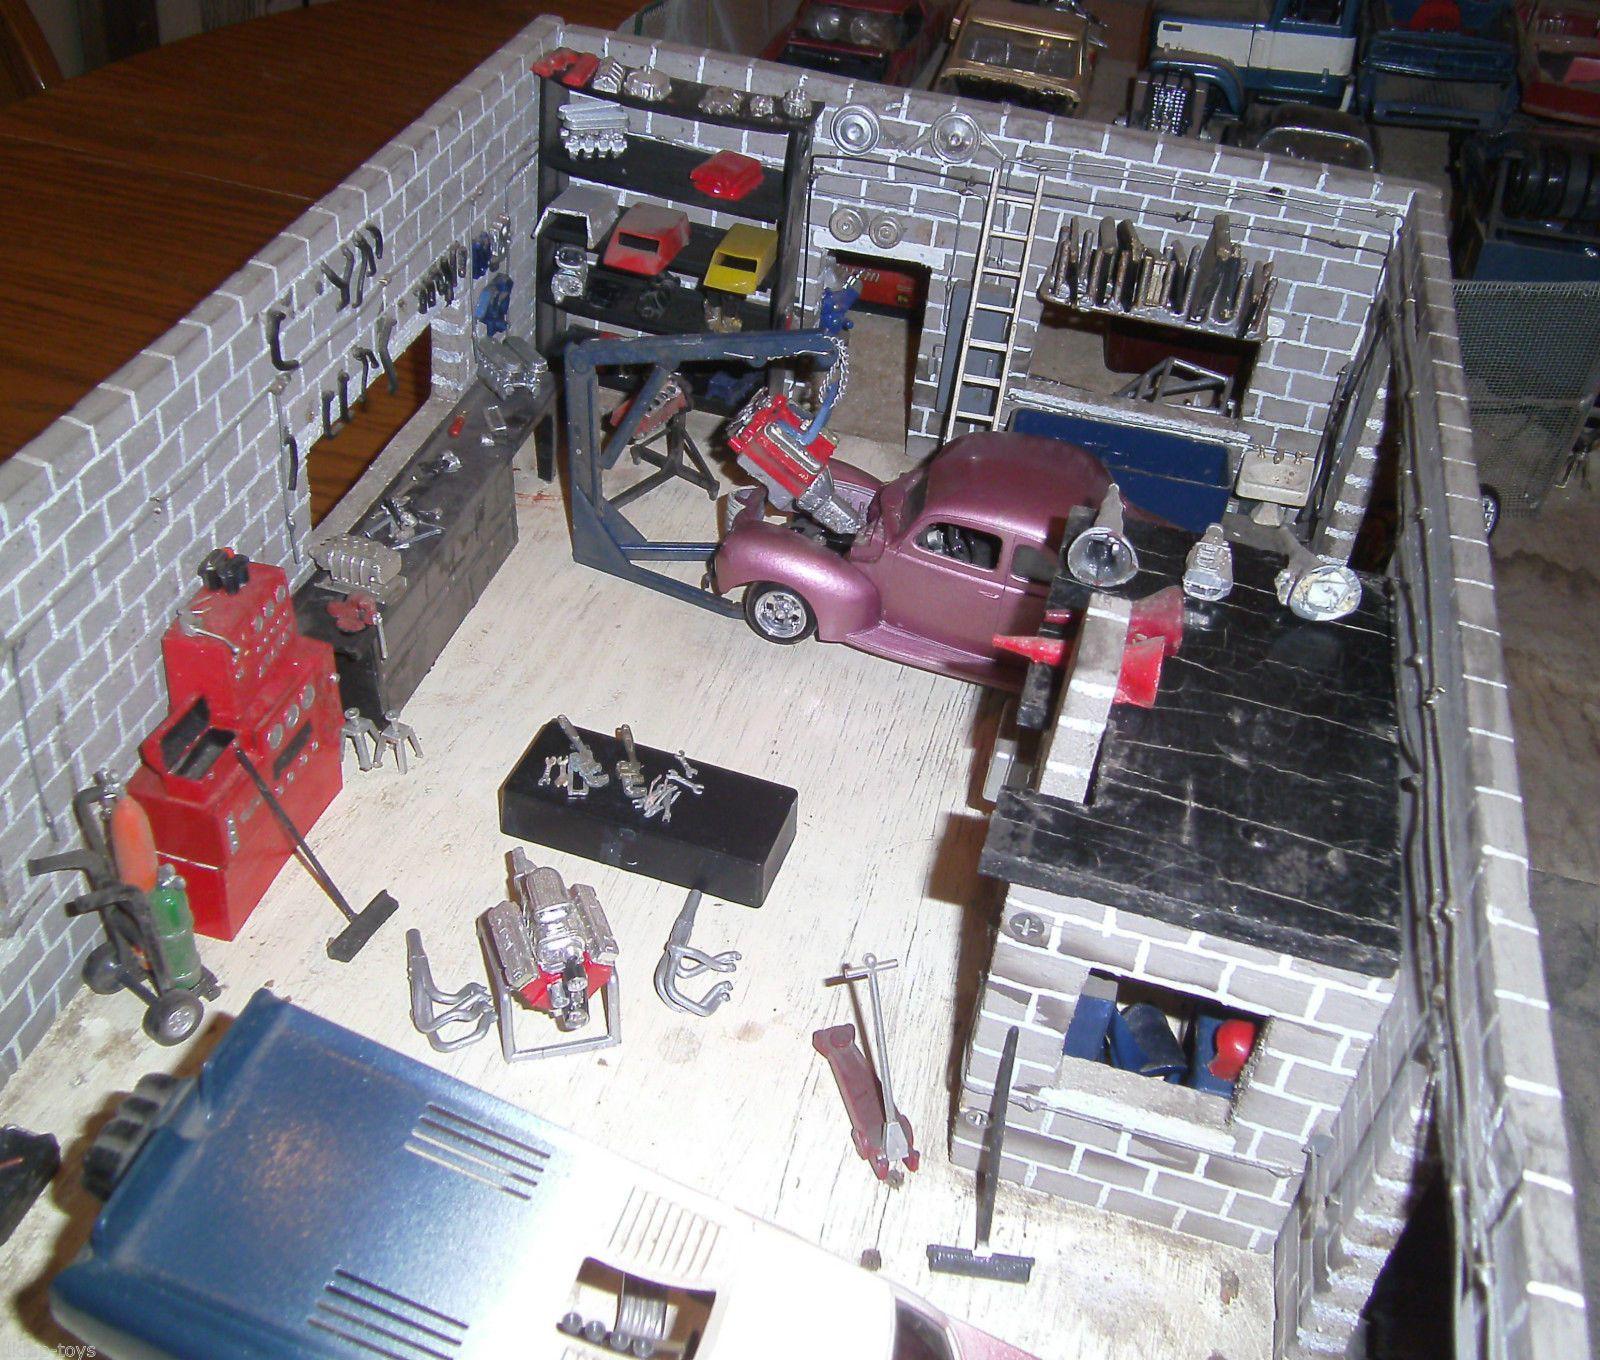 Pin on Junkyard Models & Dioramas